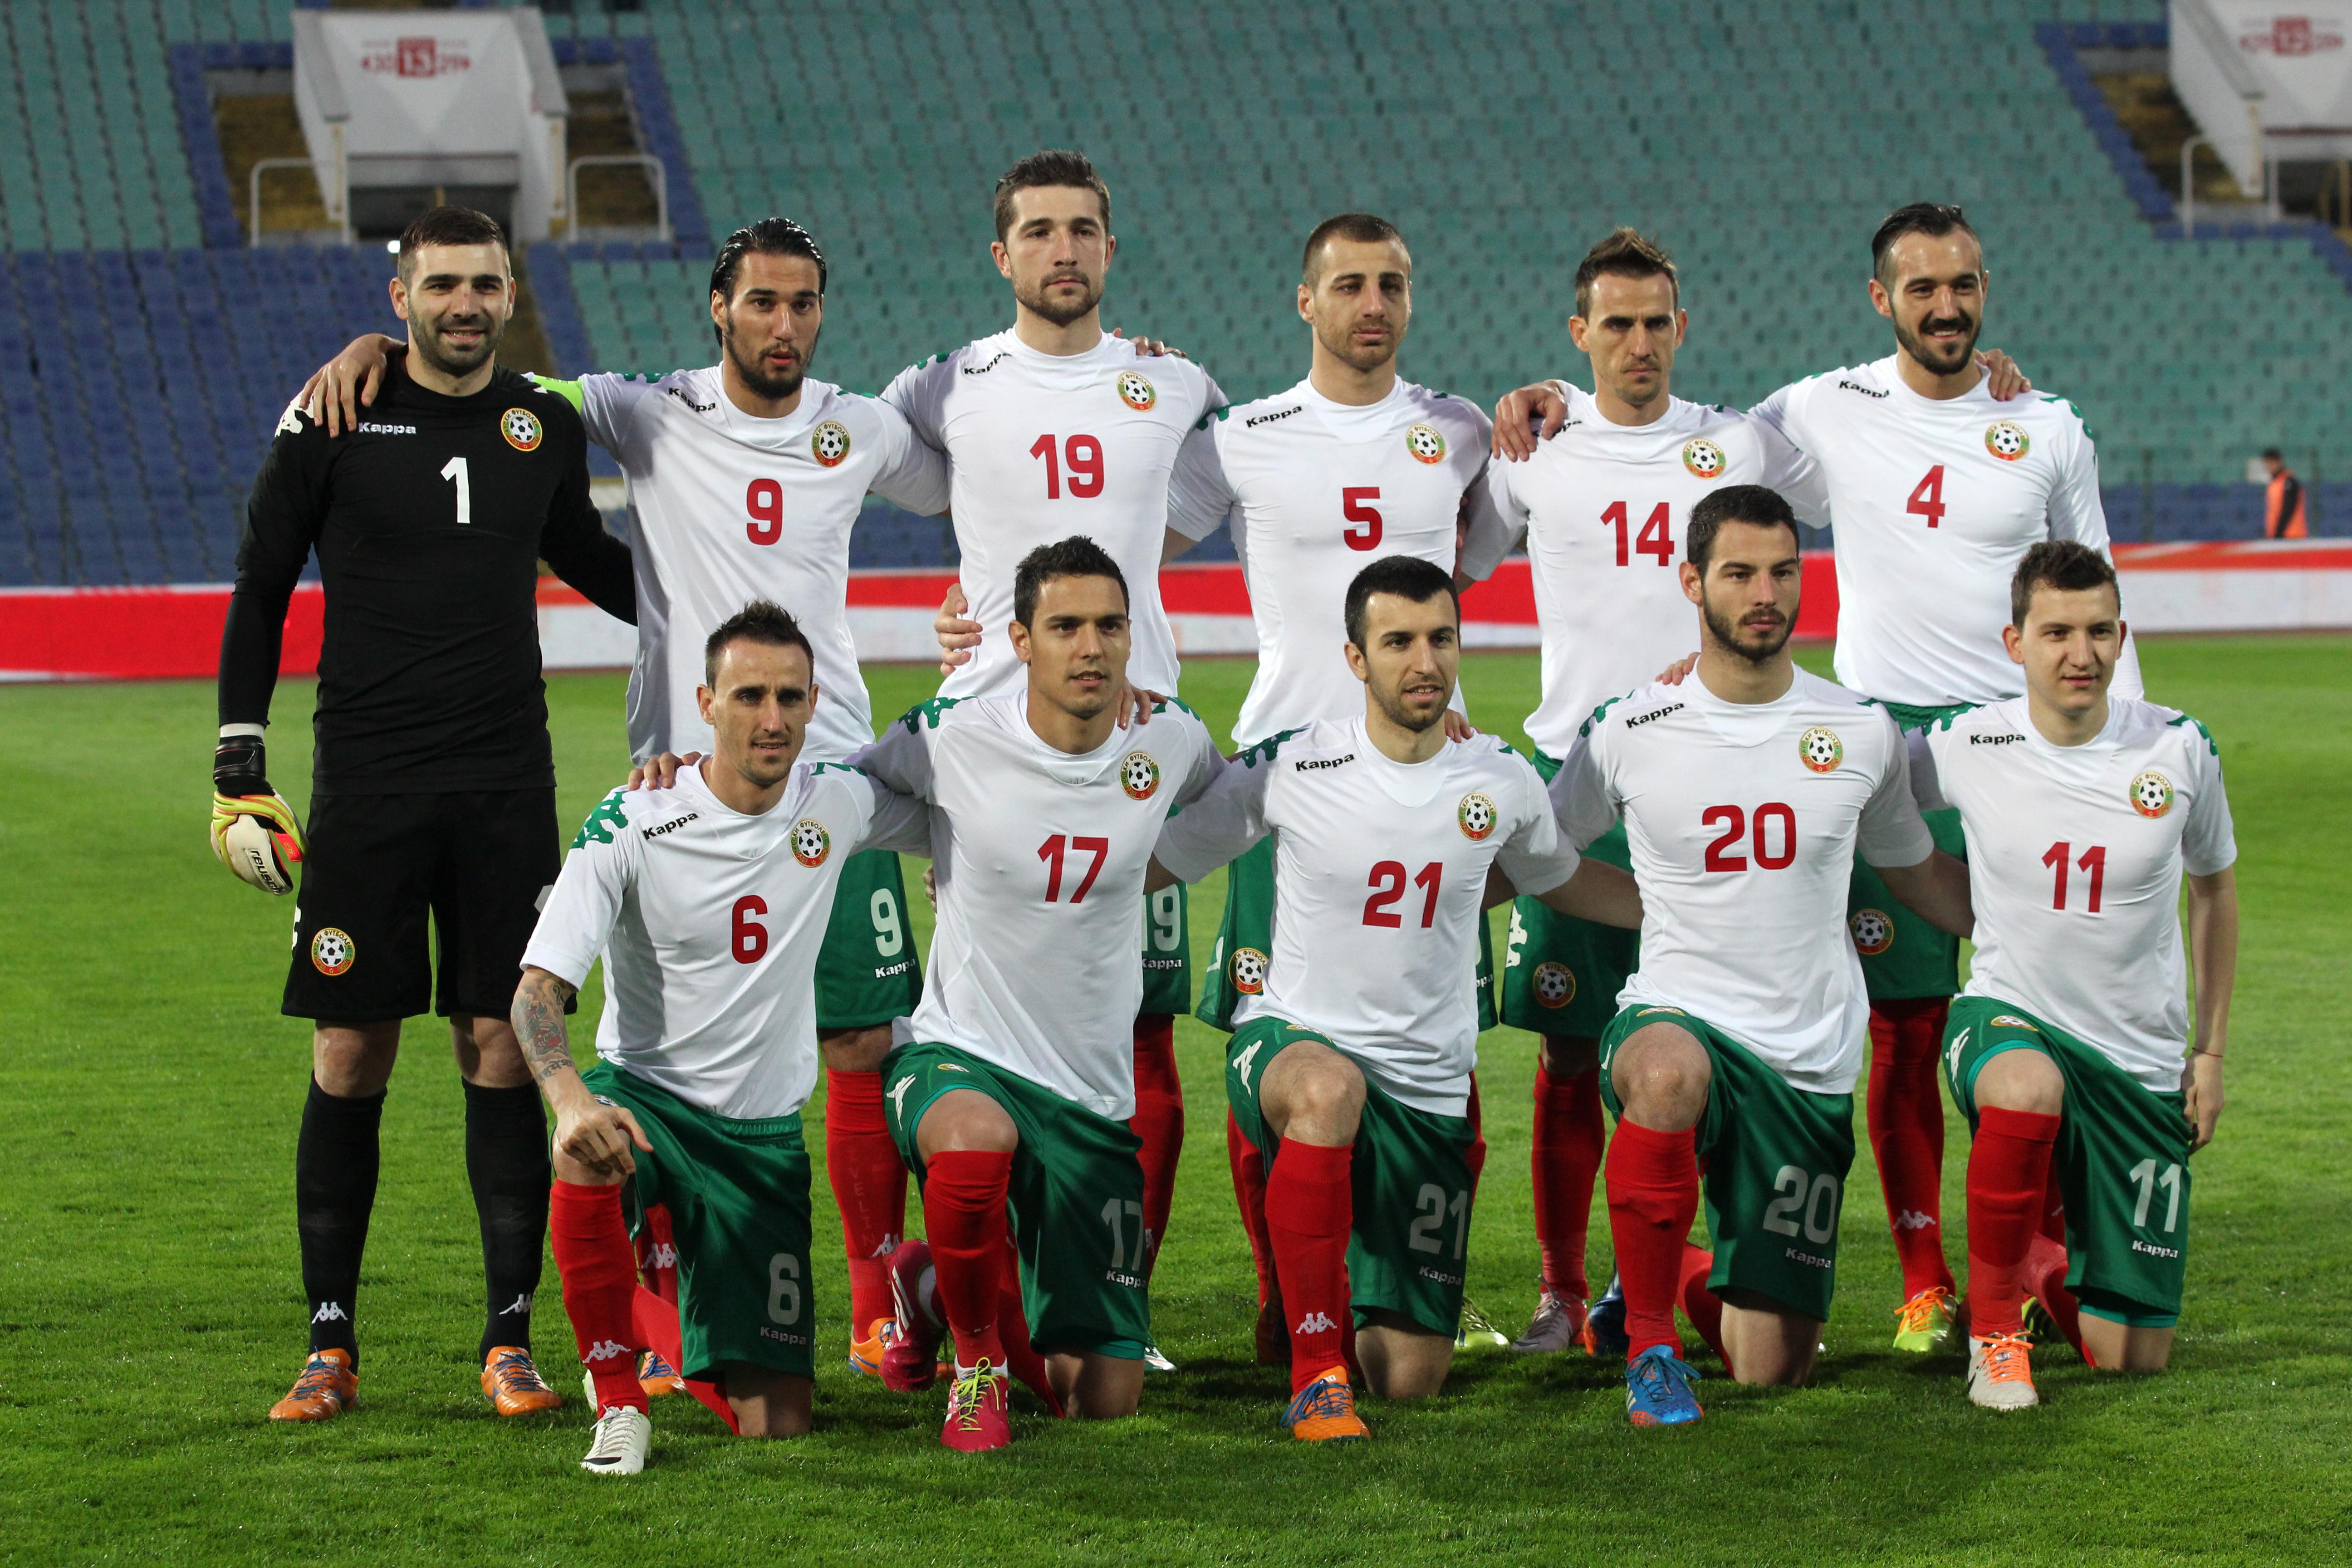 Националите по футбол прогресират с пет места